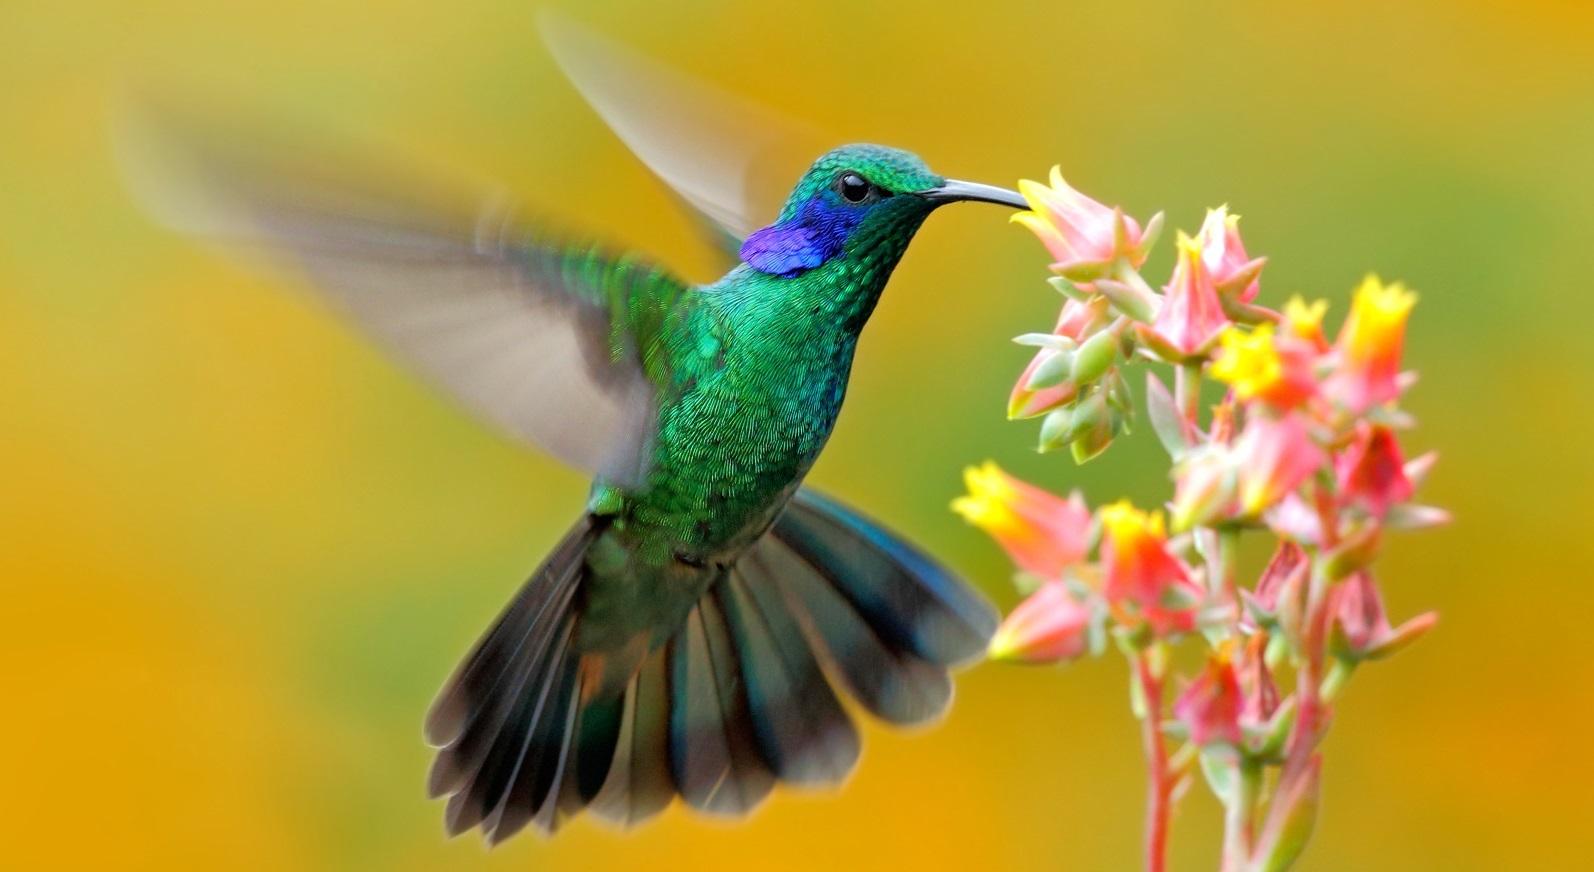 Sự thật về loài chim ruồi và ý nghĩa biểu tượng của nó.